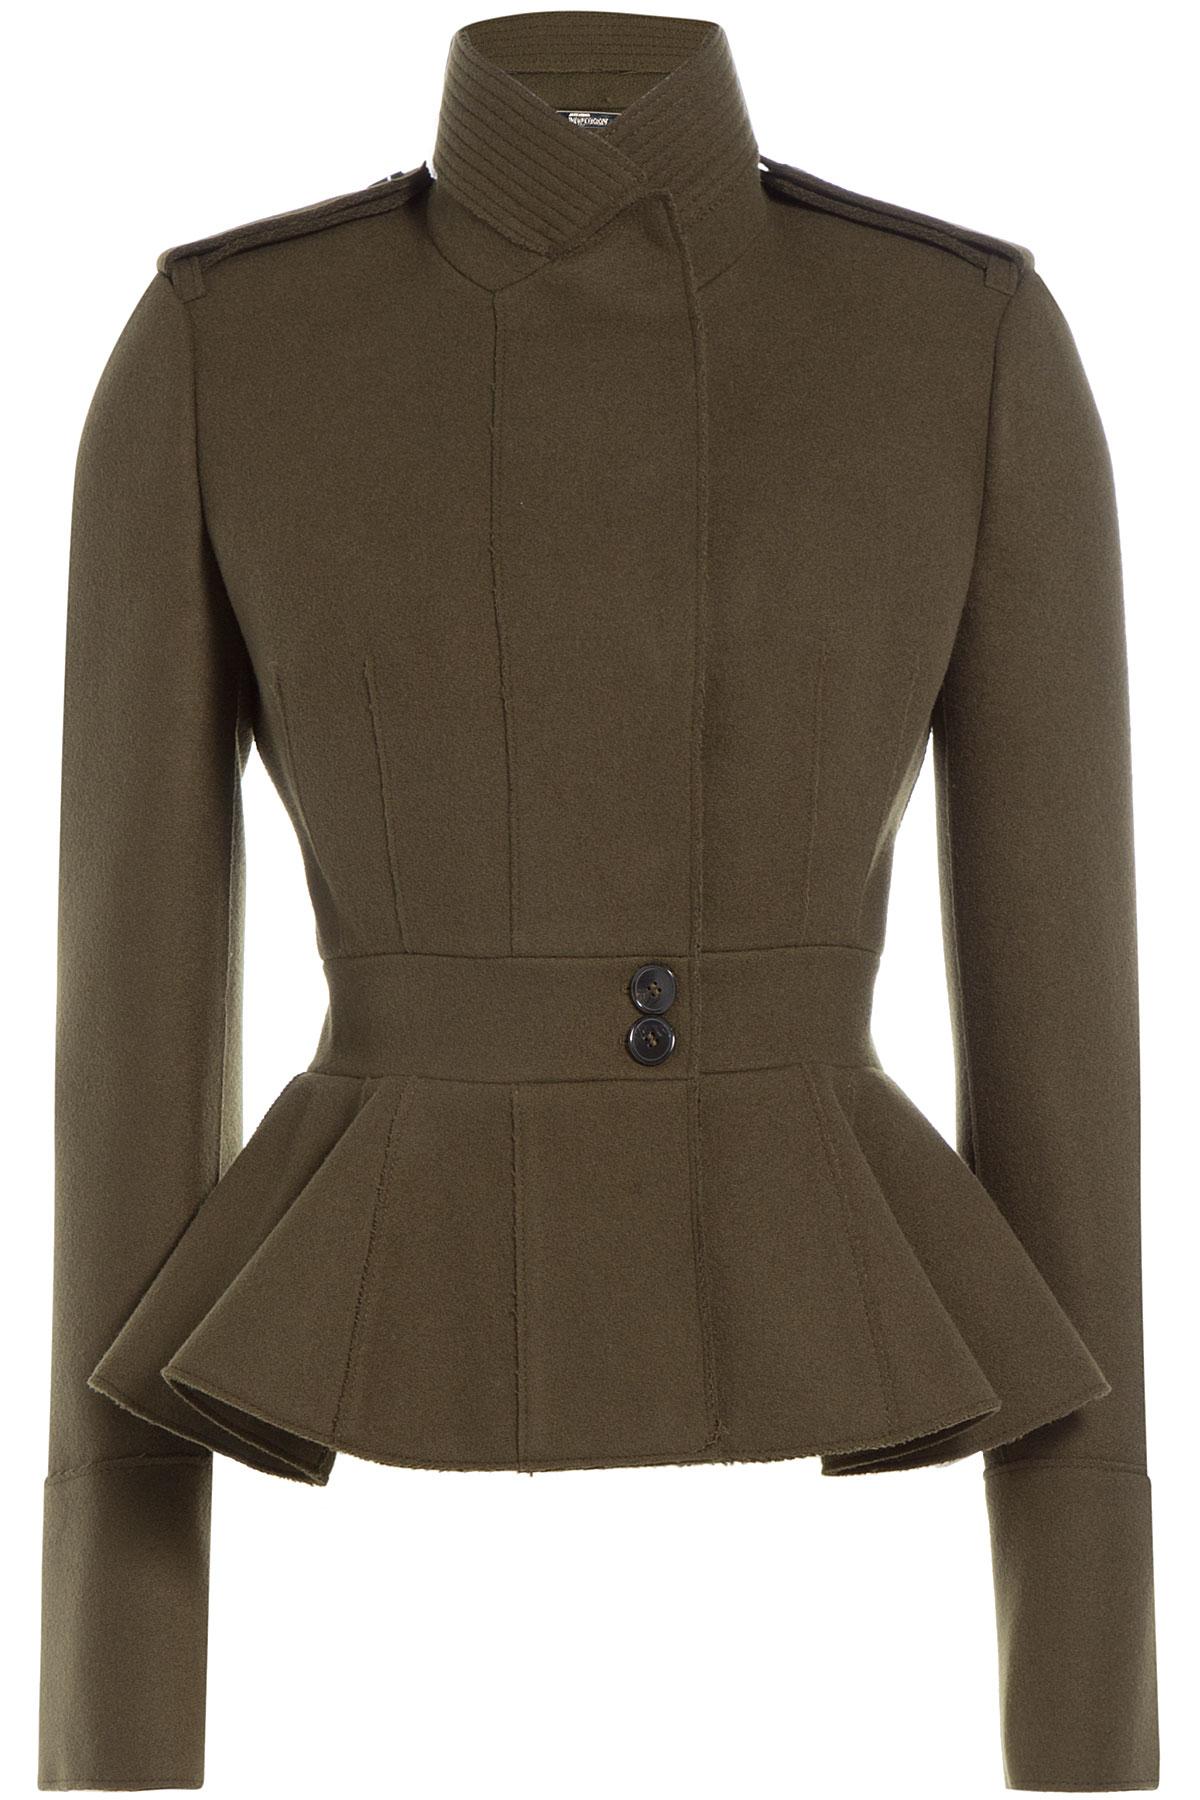 Alexander mcqueen Military-inspired Wool Peplum Jacket - Green in ...